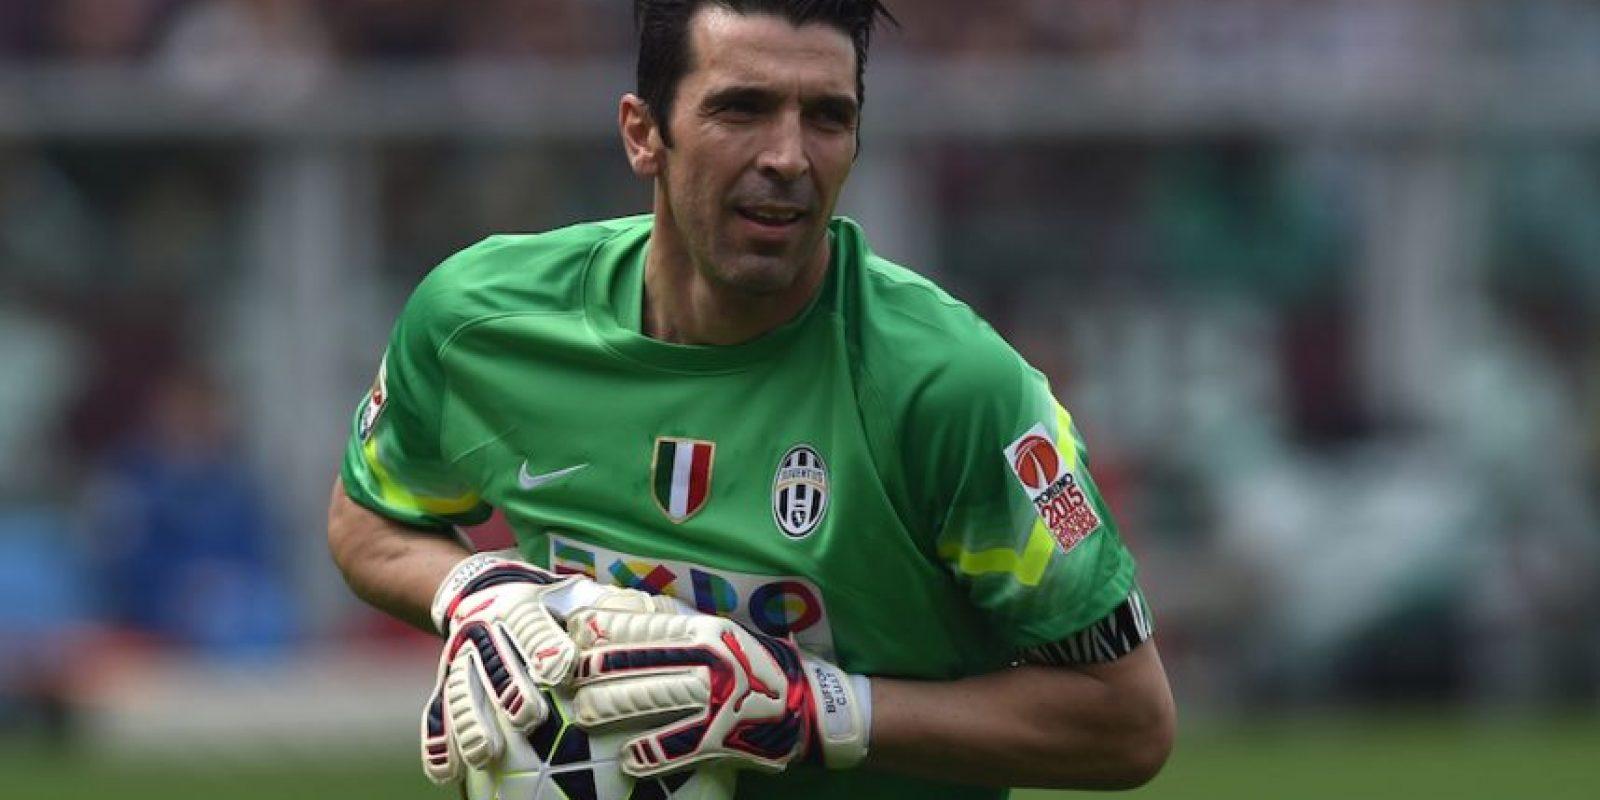 Habrá duelo de porteros en semifinales. De parte de los italianos estará Gianluigi Buffon. Foto:Getty Images